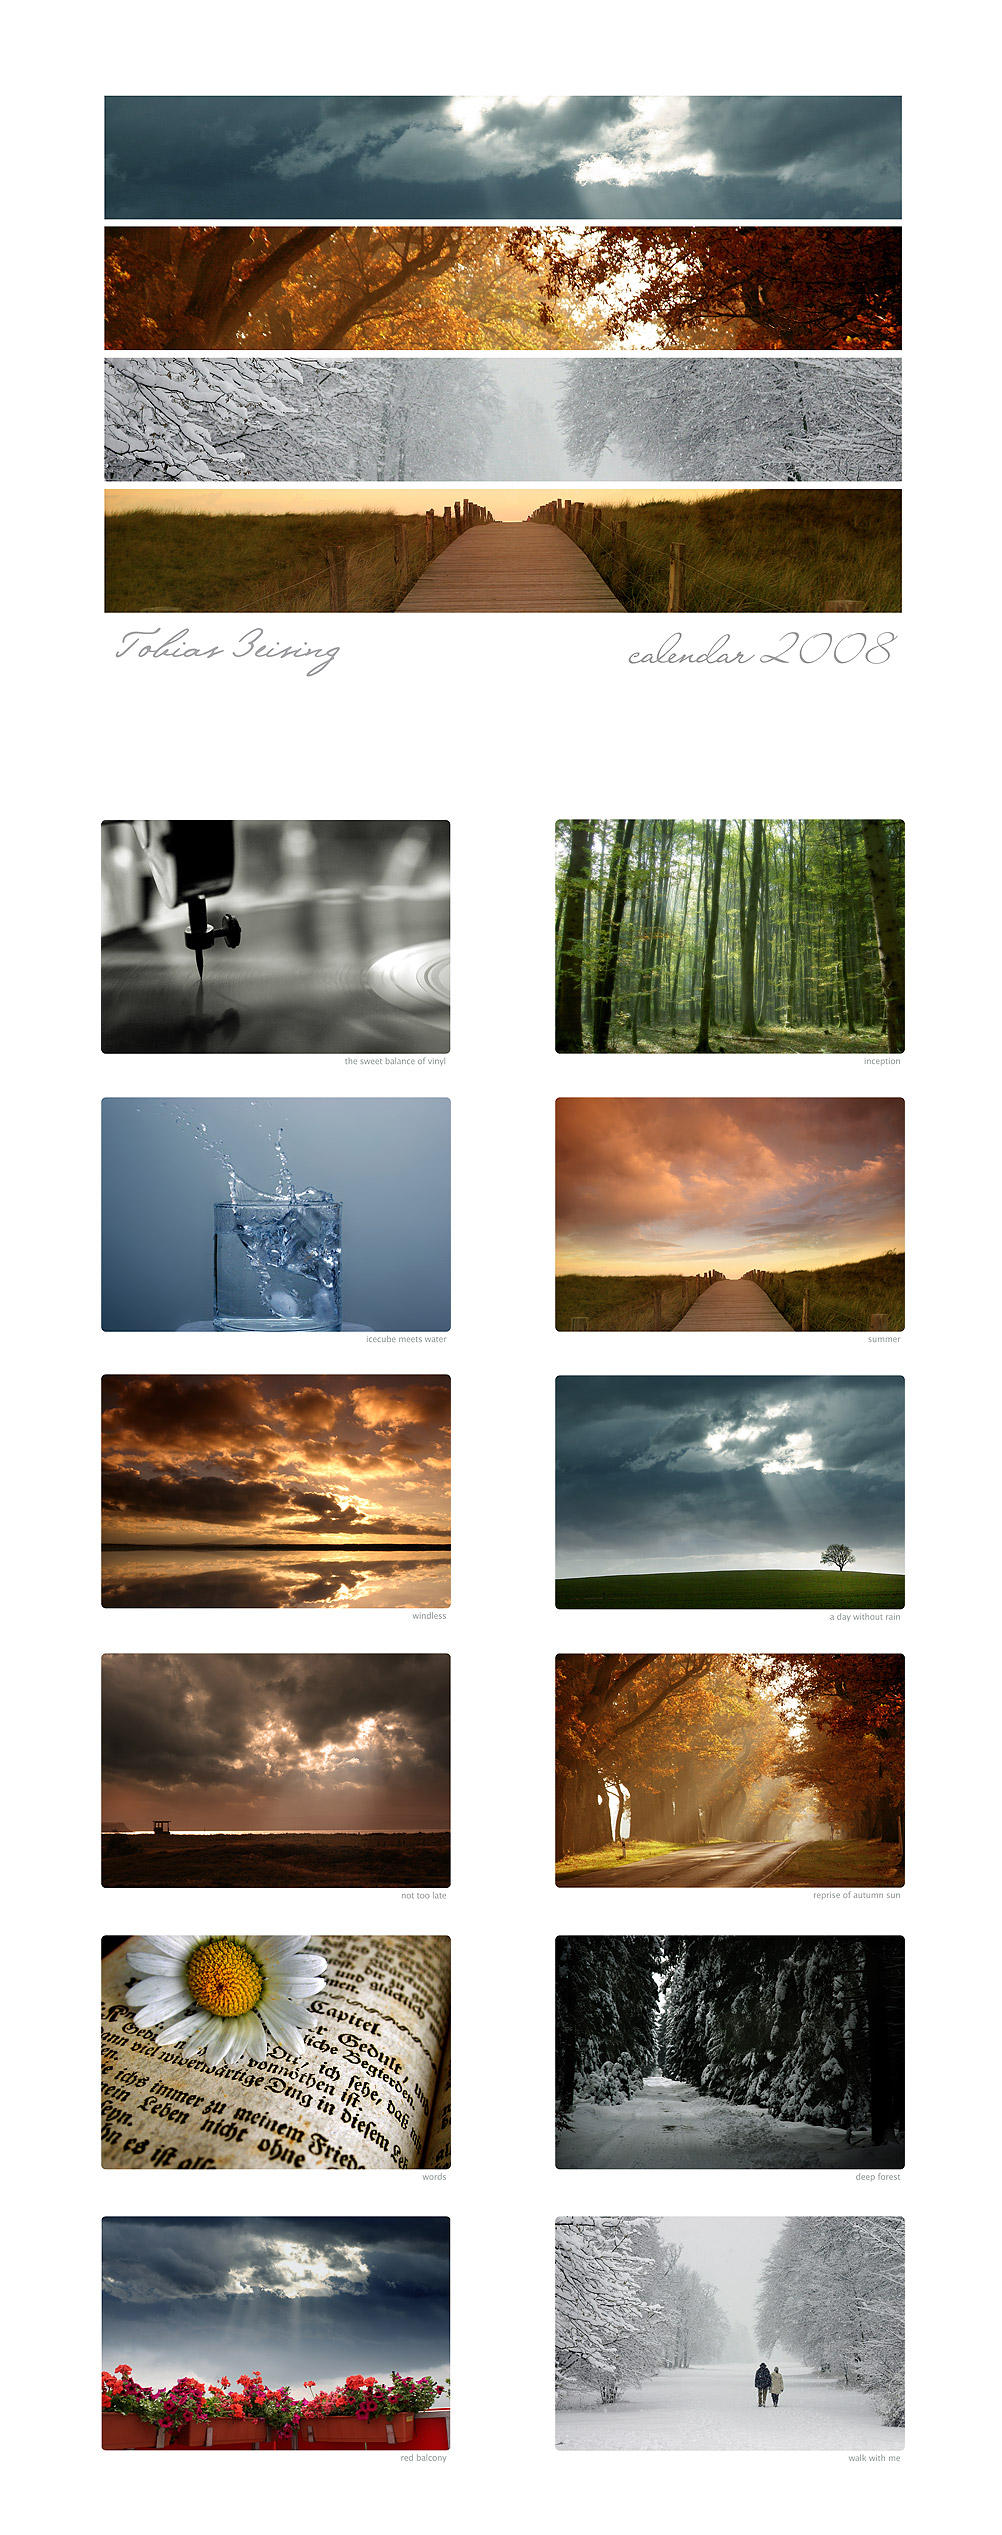 Calendar 2008 by ssilence